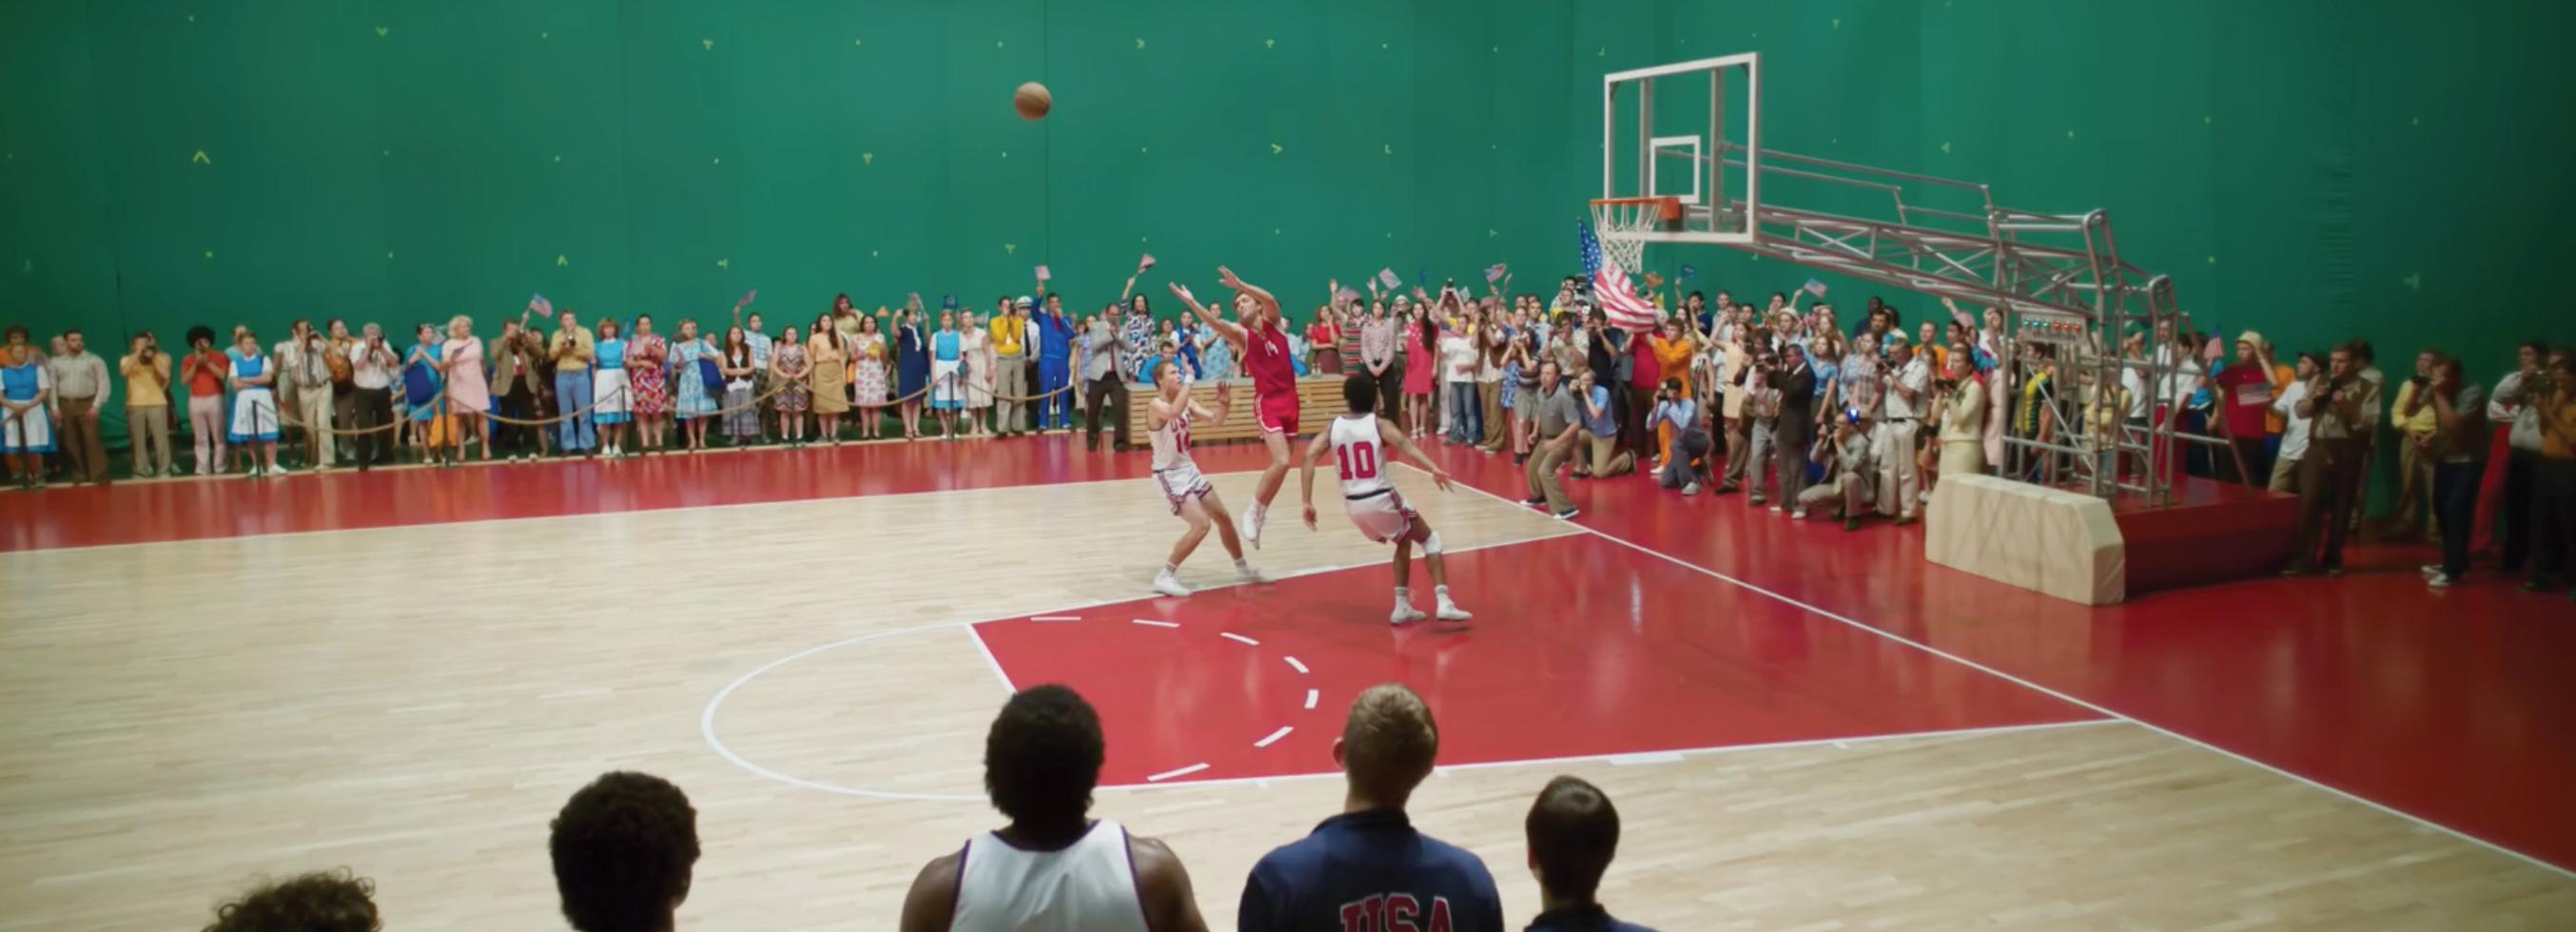 A basketball court shot against a greenscreen